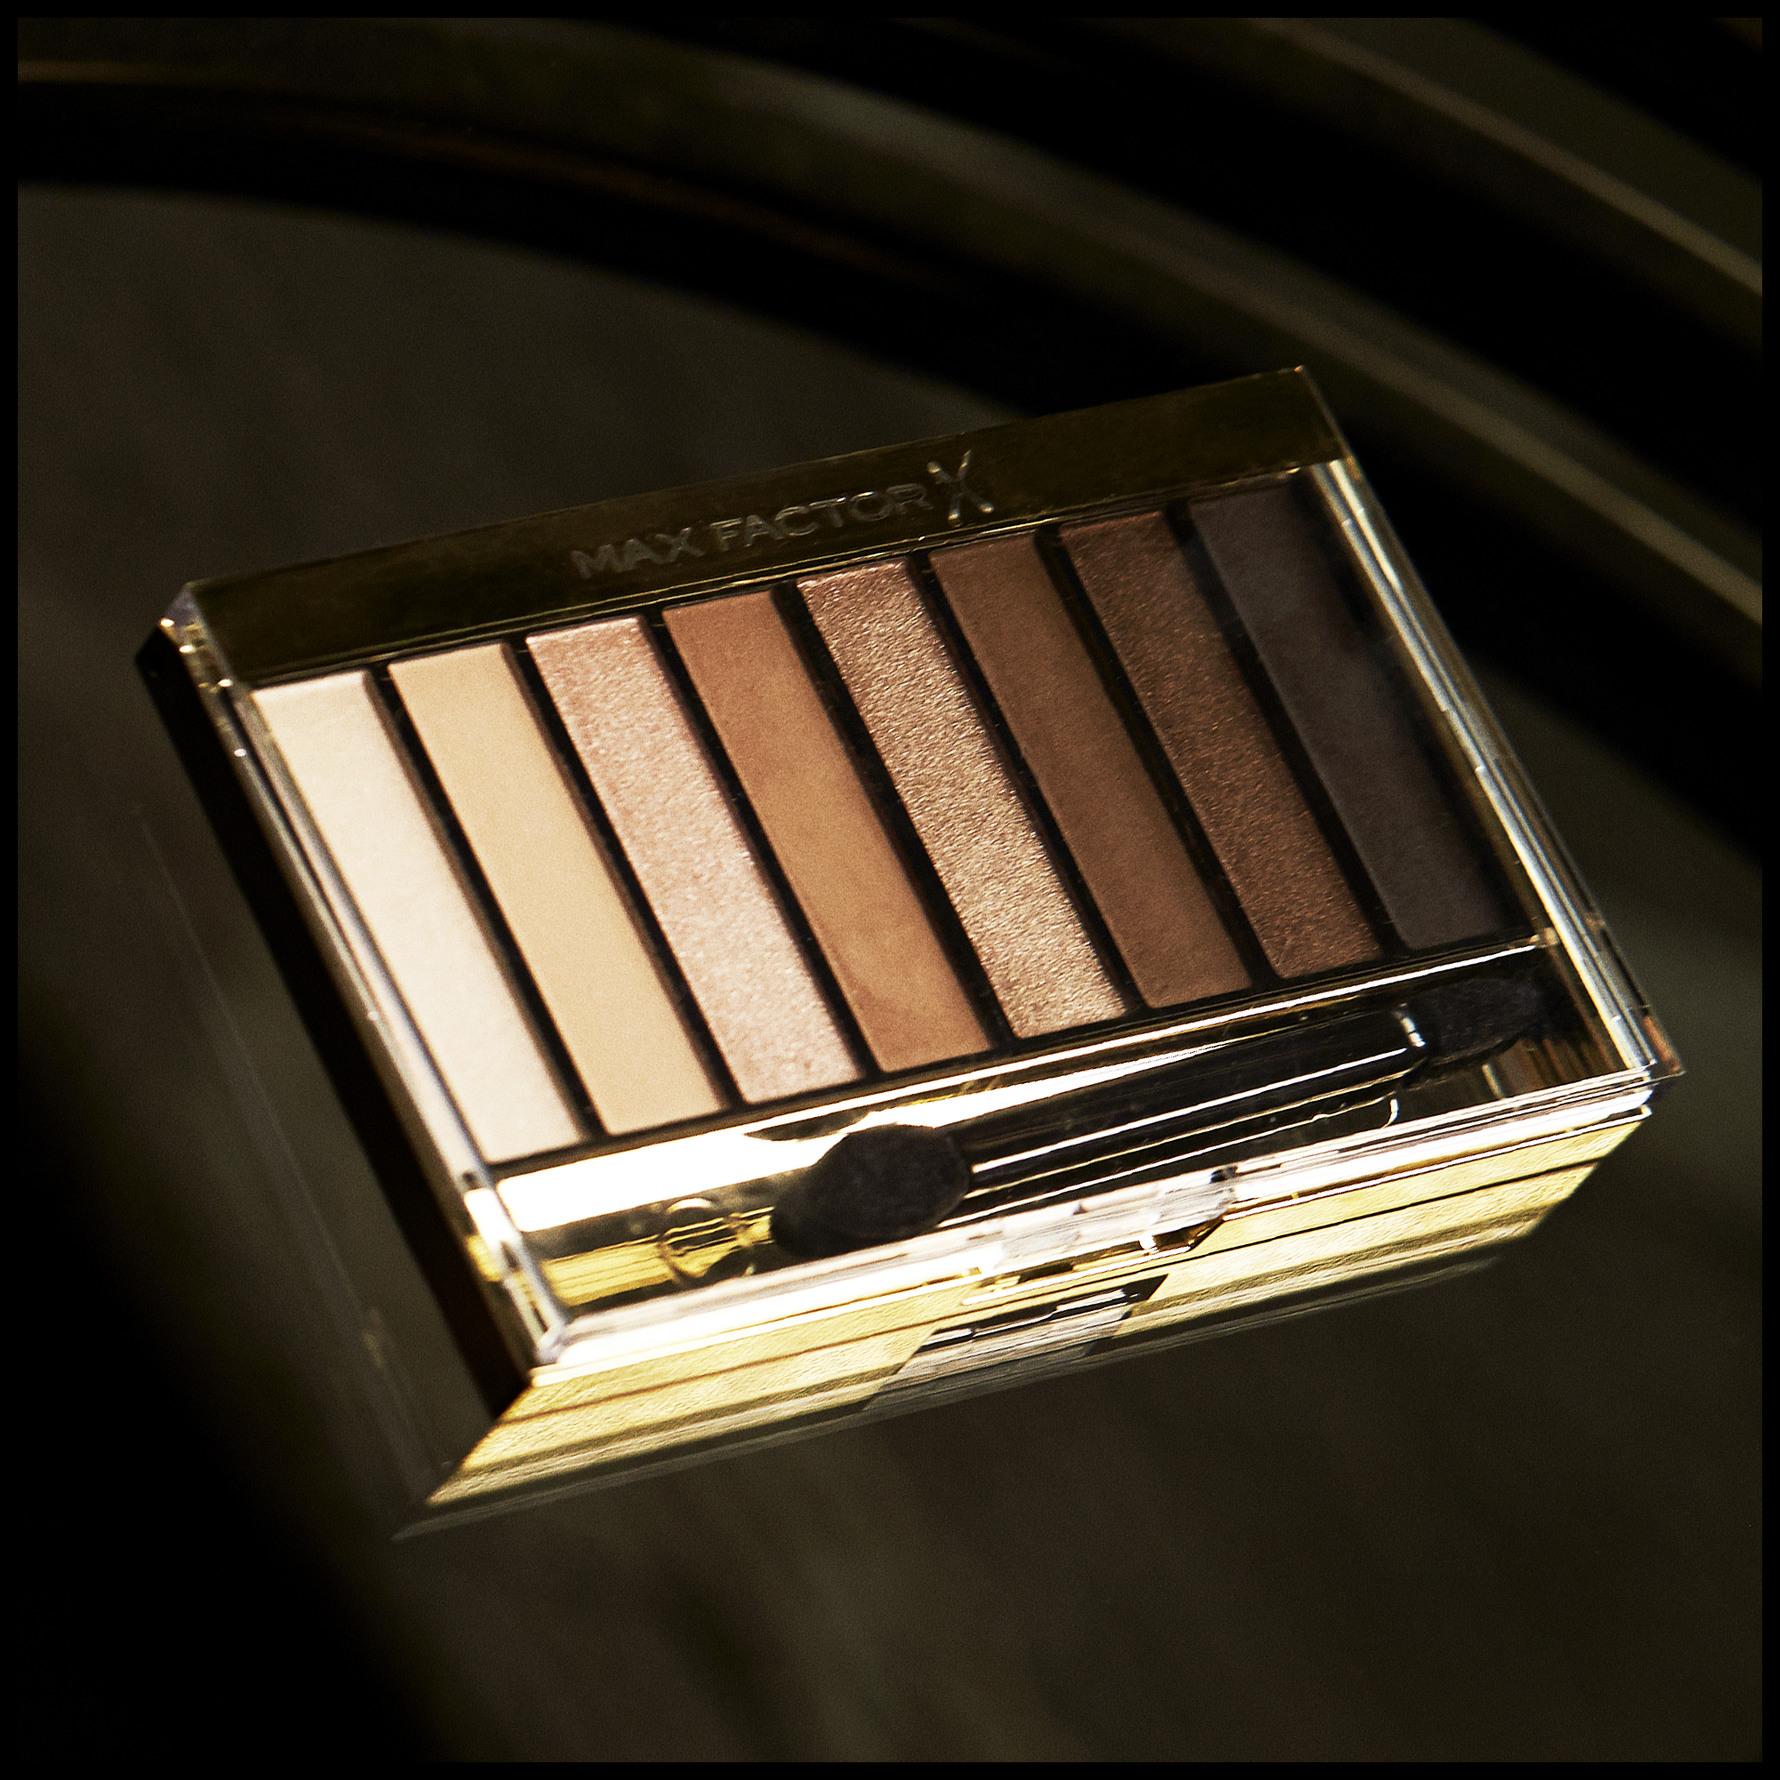 Maquillage Tunisie , parfumerie Tunisie - Point M Tunisie